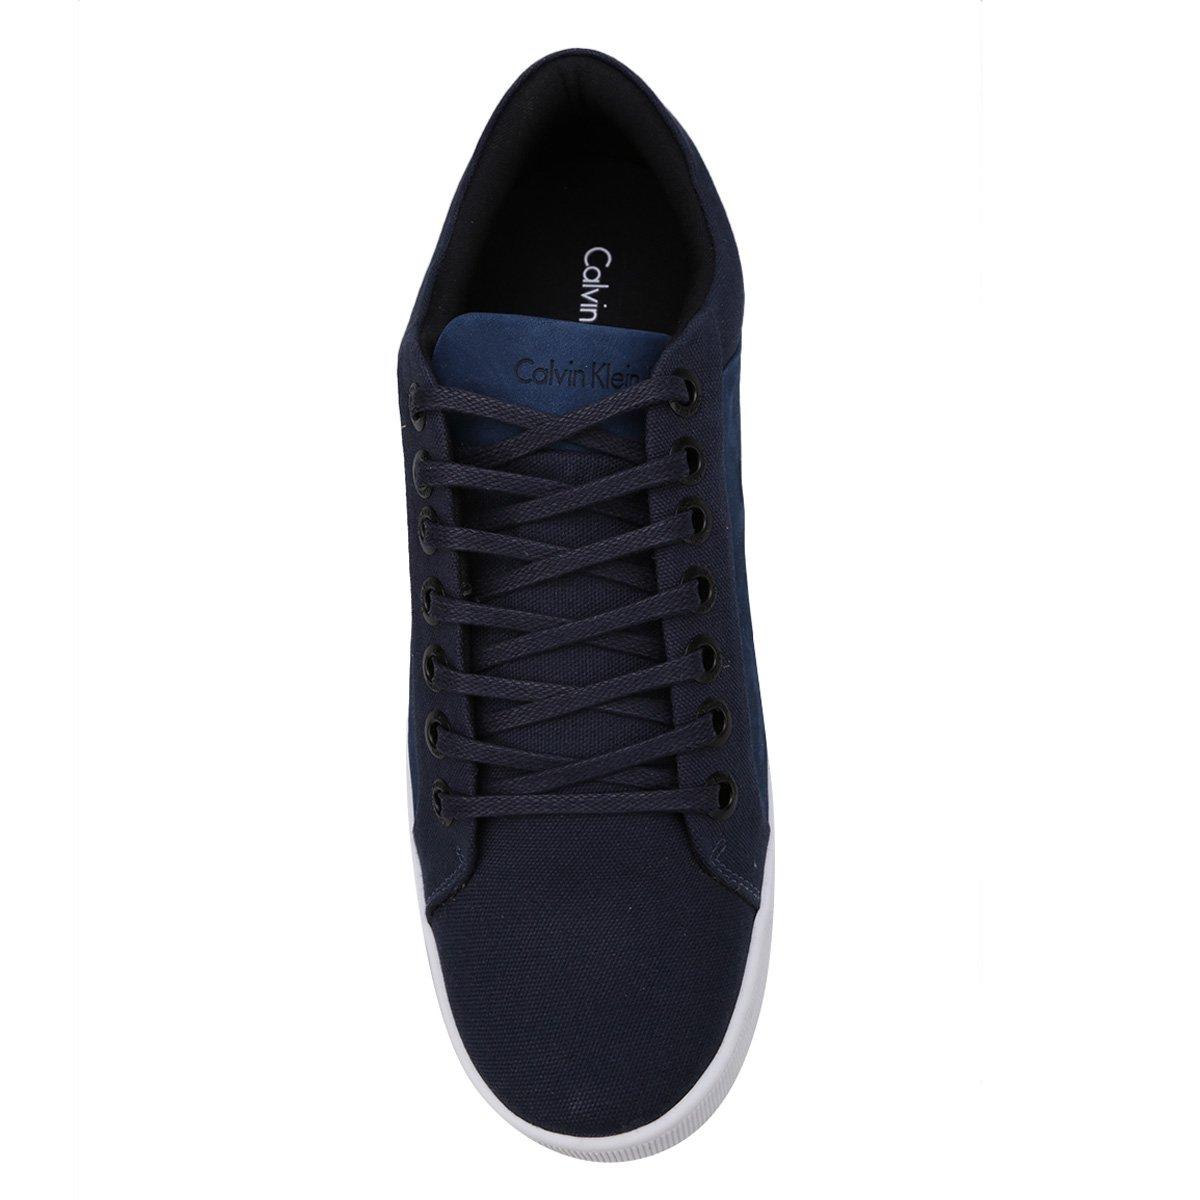 9375b47ab7ba6 15a37edce228ca  Sapatênis Calvin Klein Basic Masculino - Azul Escuro -  Compre Agora ... c863435708bfd2 ...